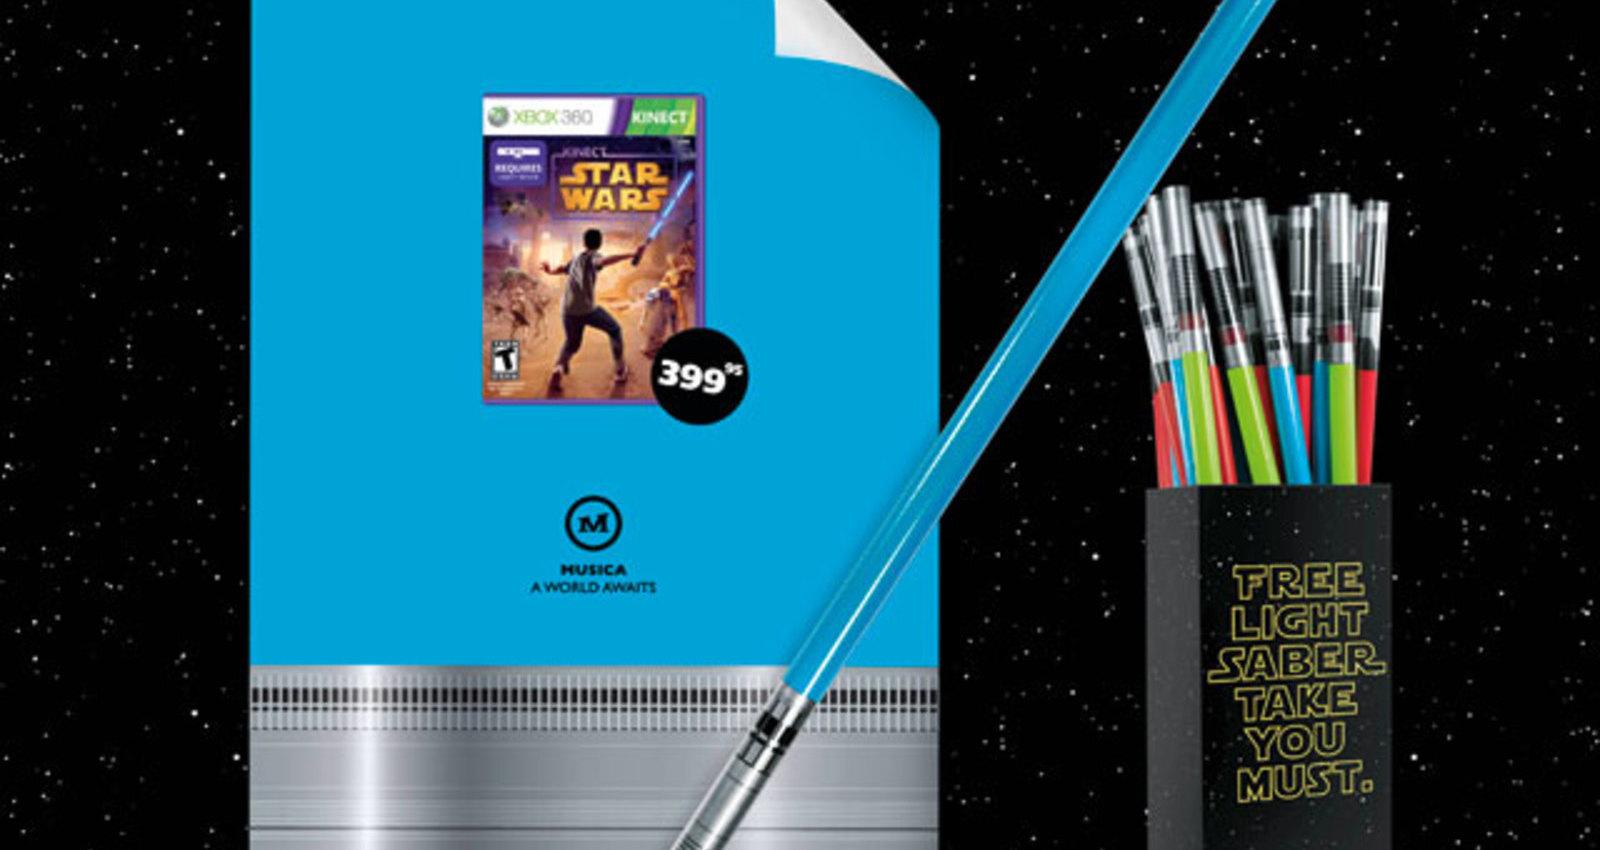 XBox Kinect Starwars